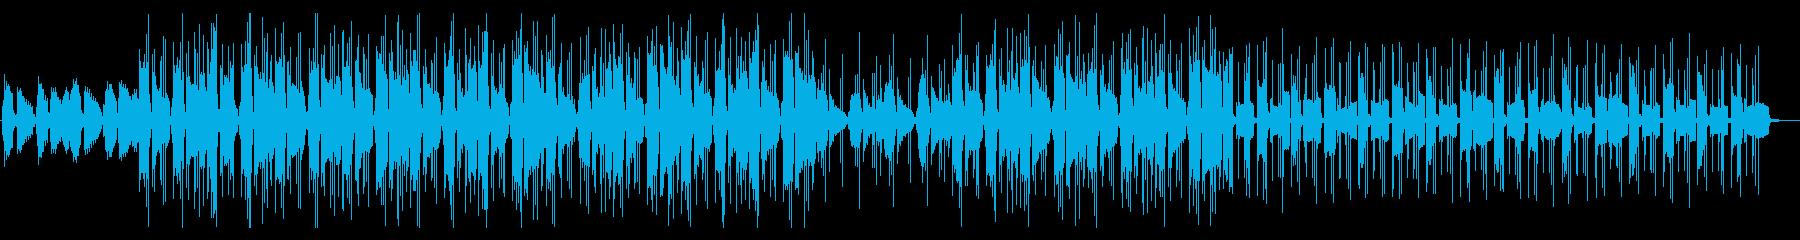 おしゃれなLo-Fi HipHopBGMの再生済みの波形